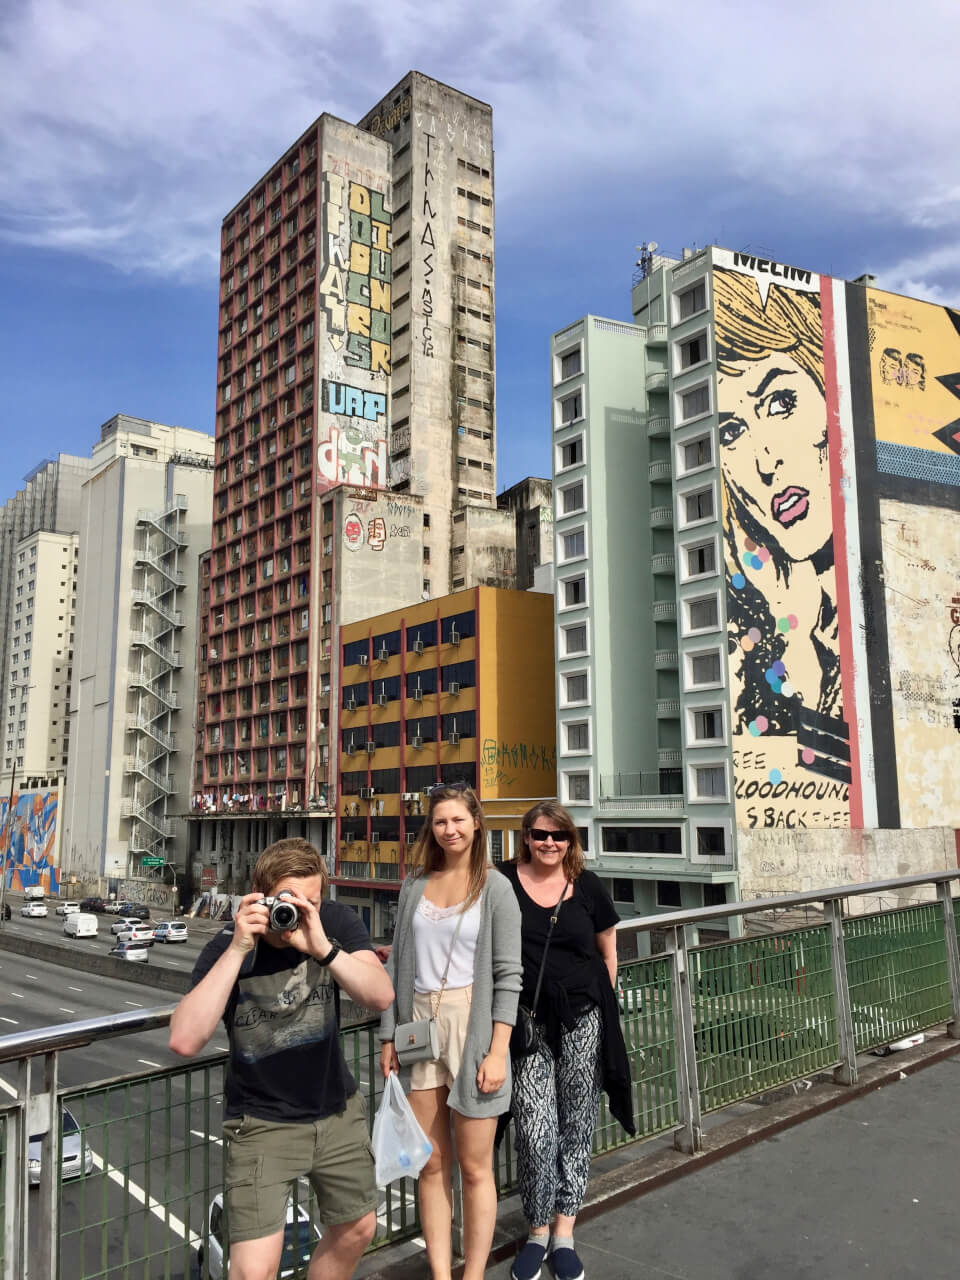 Sao Paulo, Reiseguide til Sør-Amerika